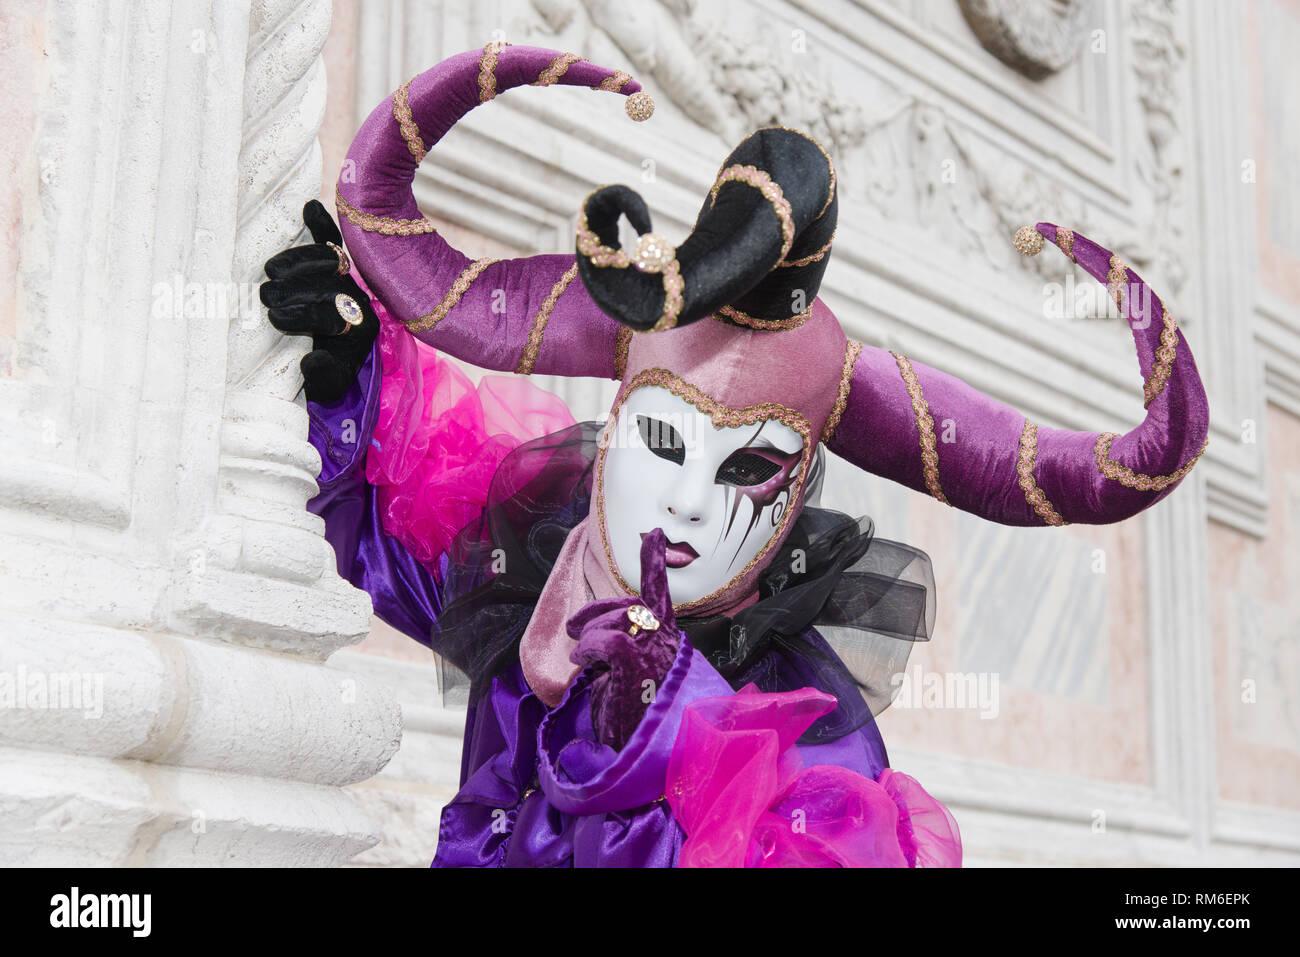 f8977d582 Un poser en Venecia durante el Carnaval de Venecia. Él está usando una  máscara y